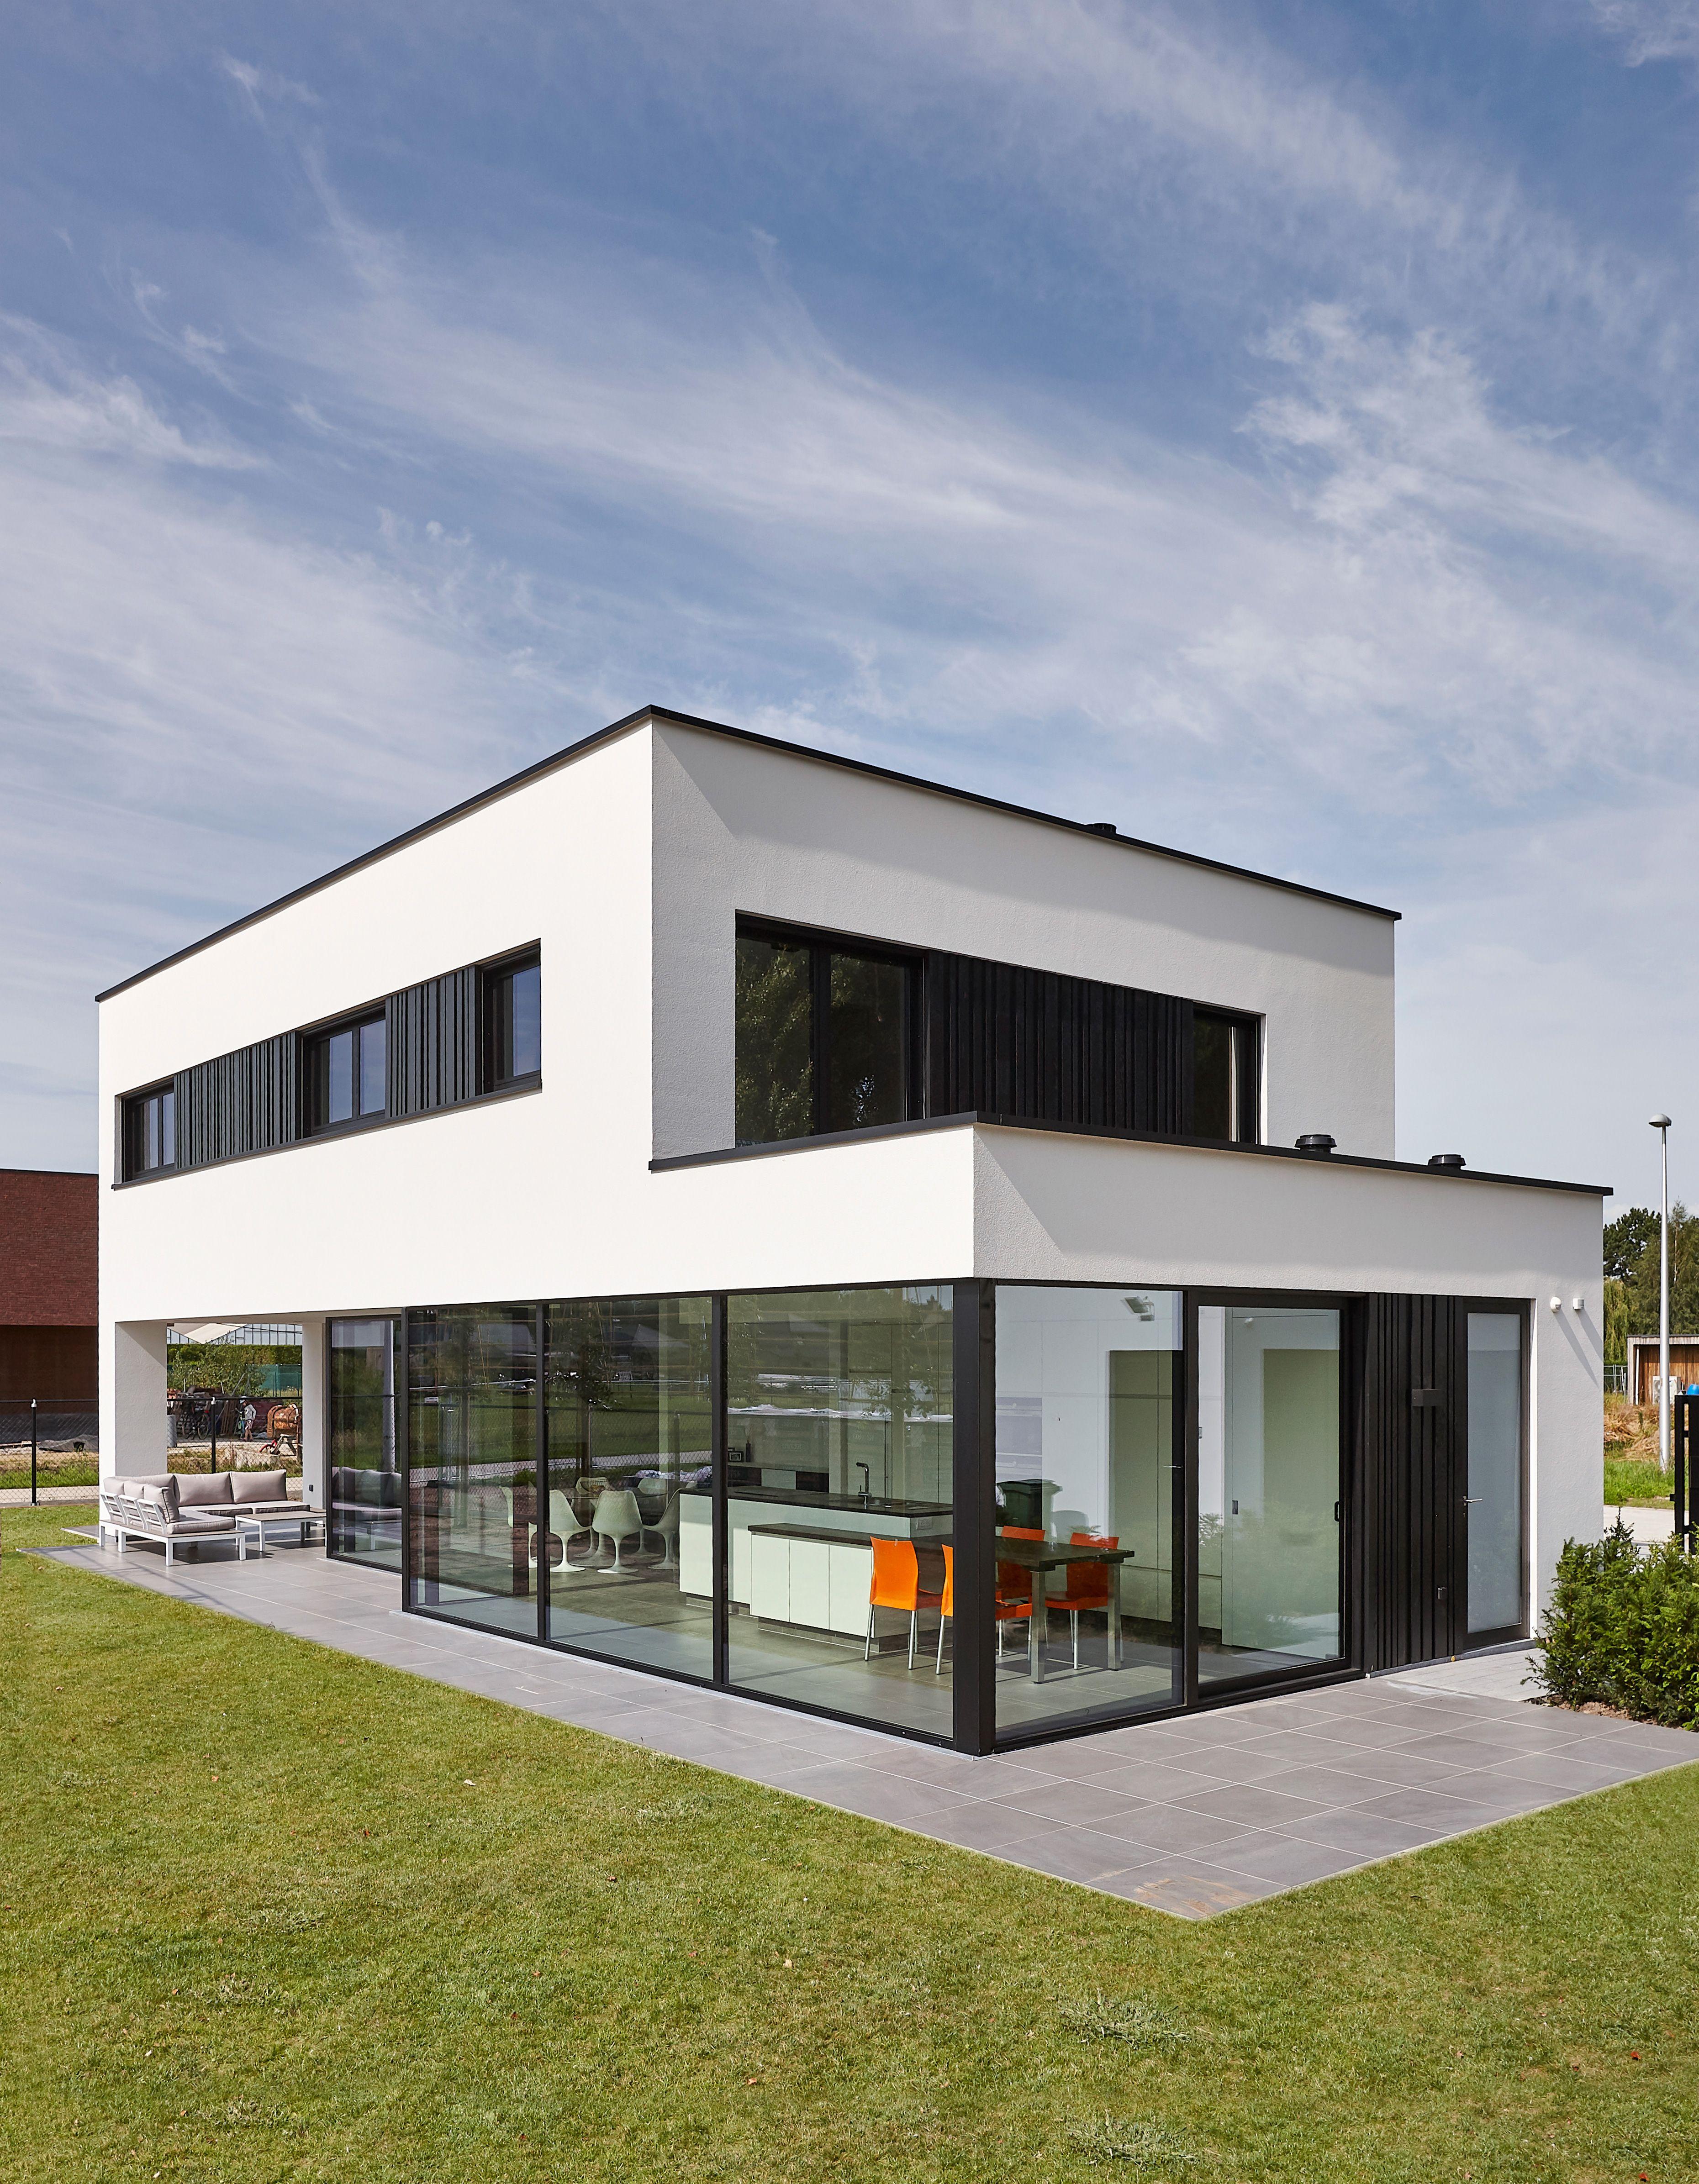 Entzuckend Dumobil | Villabouw #moderne #realisatie #dumobil Bauhausstil, Pultdach,  Zukünftiges Haus,